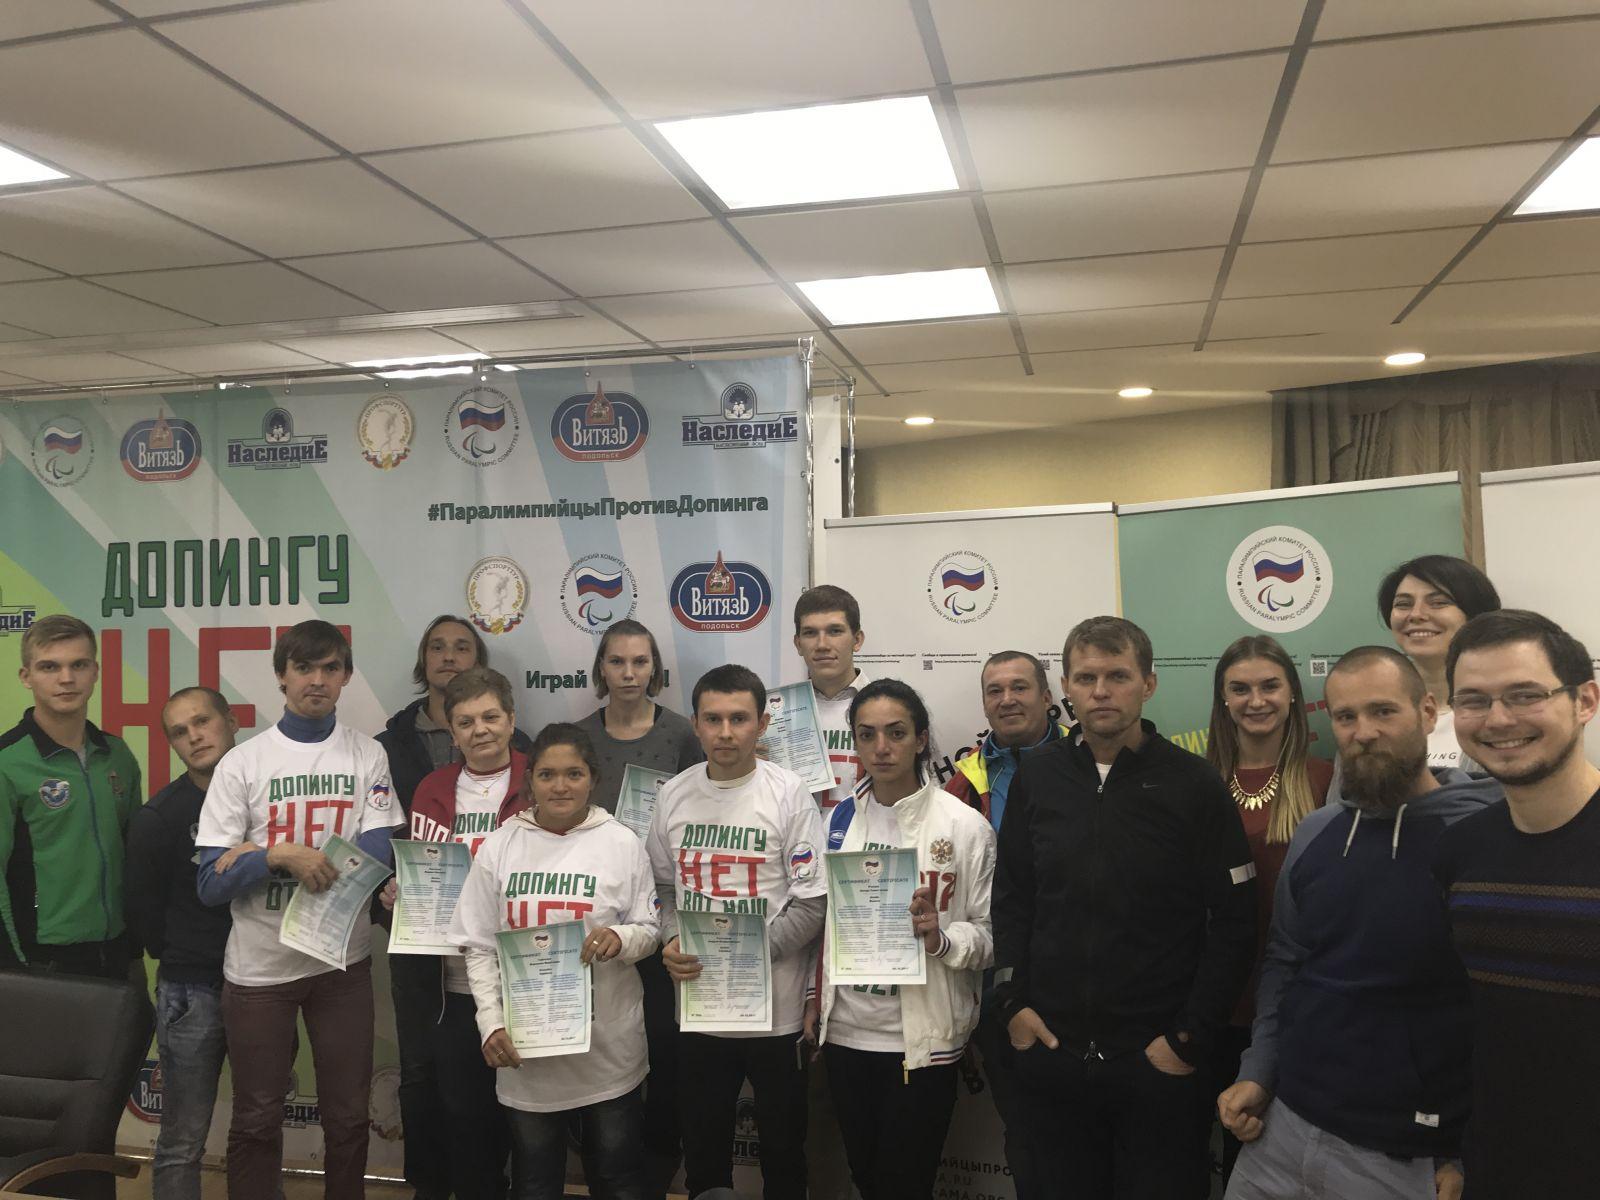 ПКР в г. Москве в офисе ПКР провел Антидопинговый семинар для членов сборной команды России по горнолыжному спорту и сноуборду лиц с ПОДА, и паратриатлону